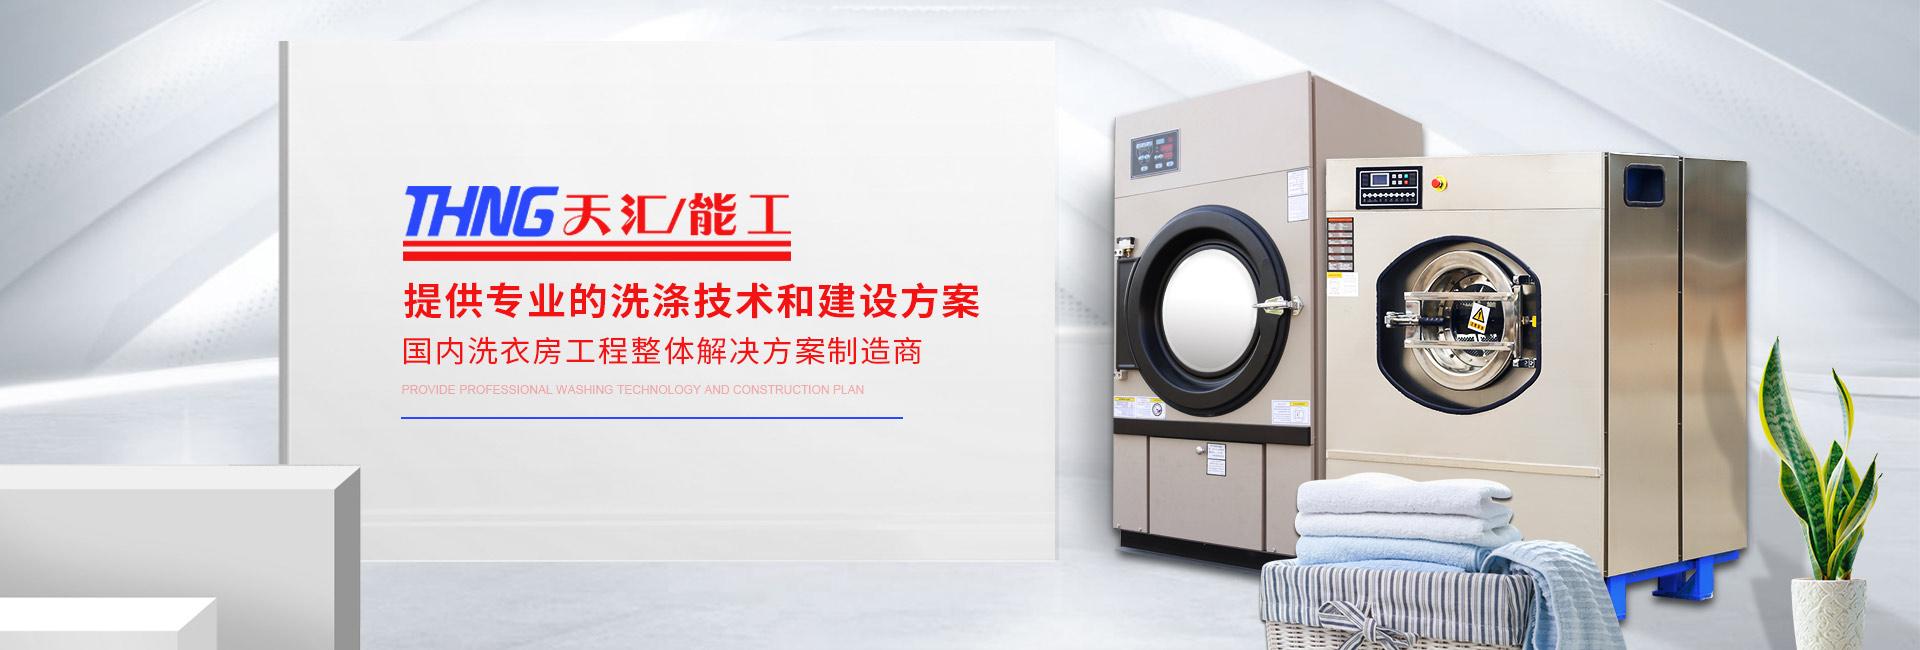 成都工业洗衣机